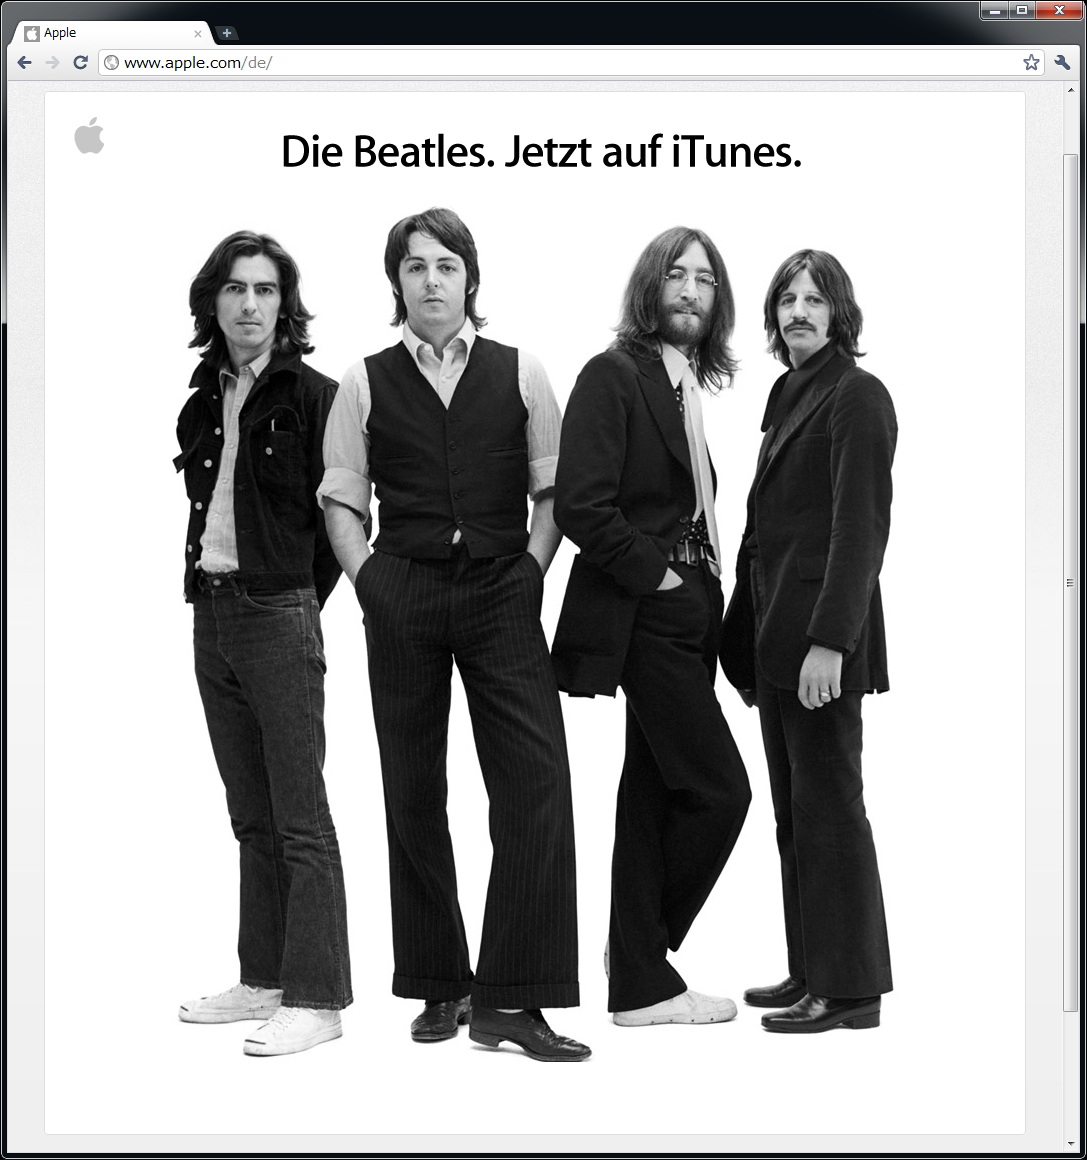 アップルの発表(ドイツ版)